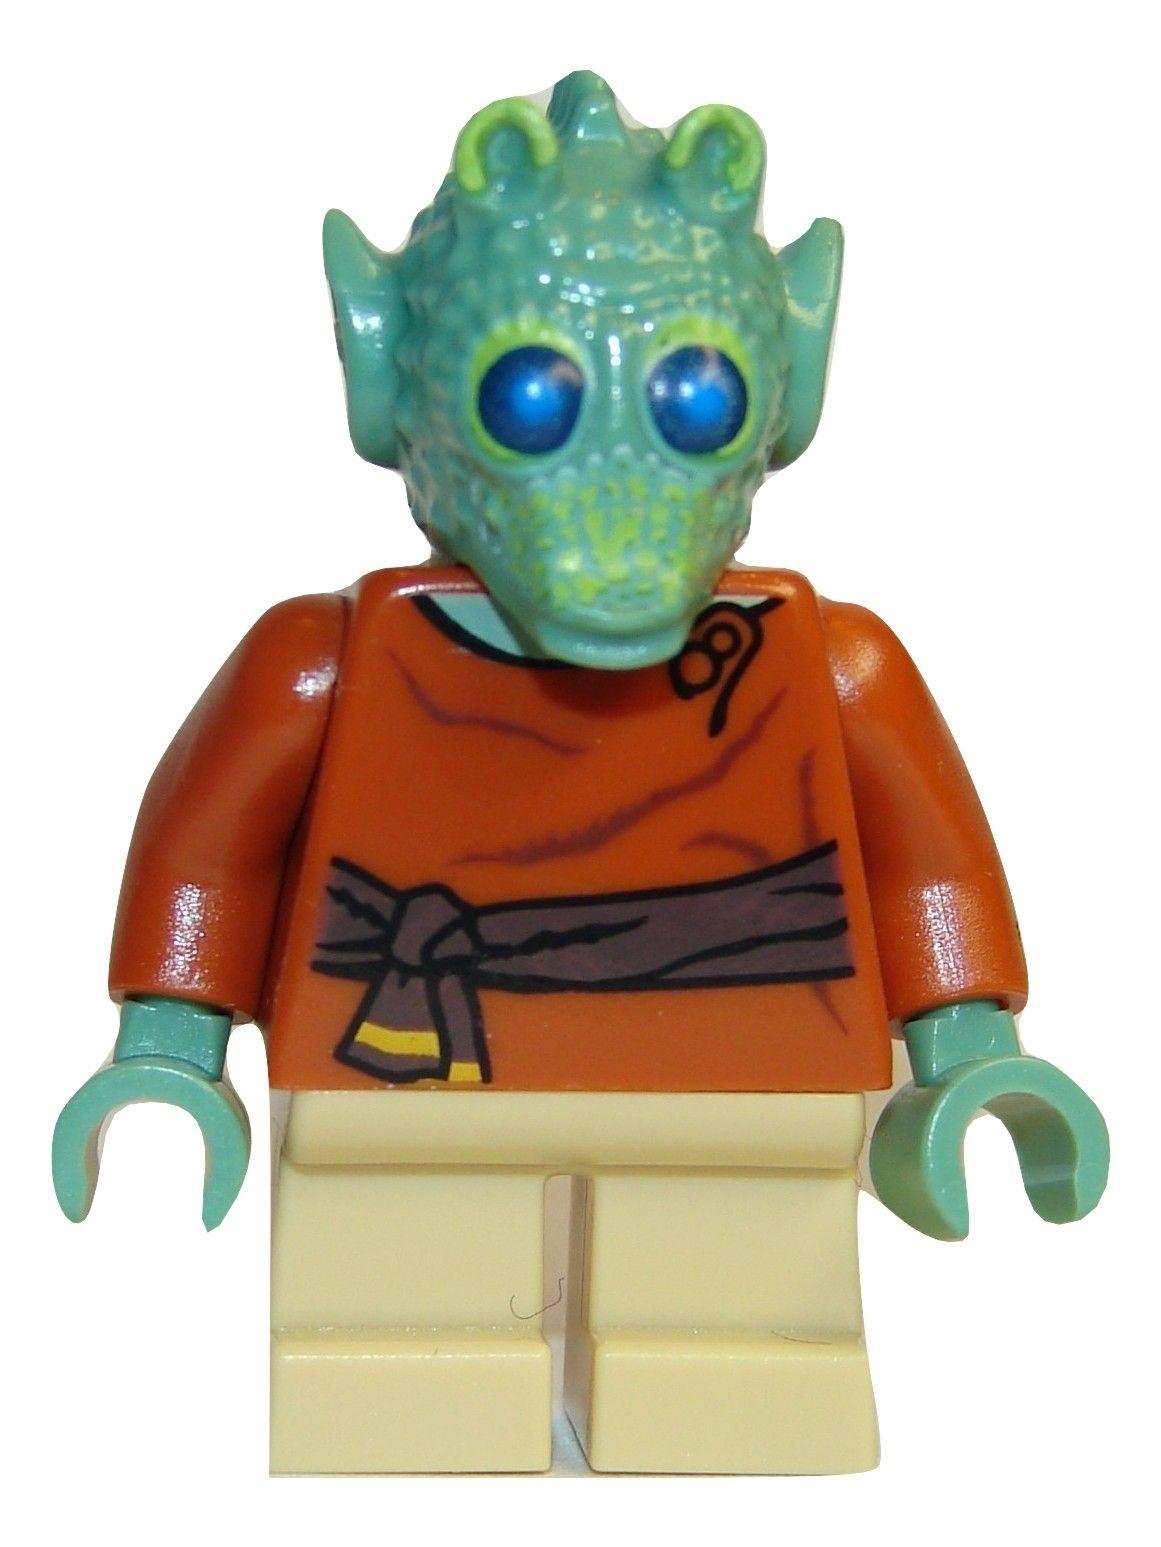 Wald Figurka Lego Sw328 7962 Star Wars Kosmita 6055699894 Oficjalne Archiwum Allegro Lego Wald Star Wars